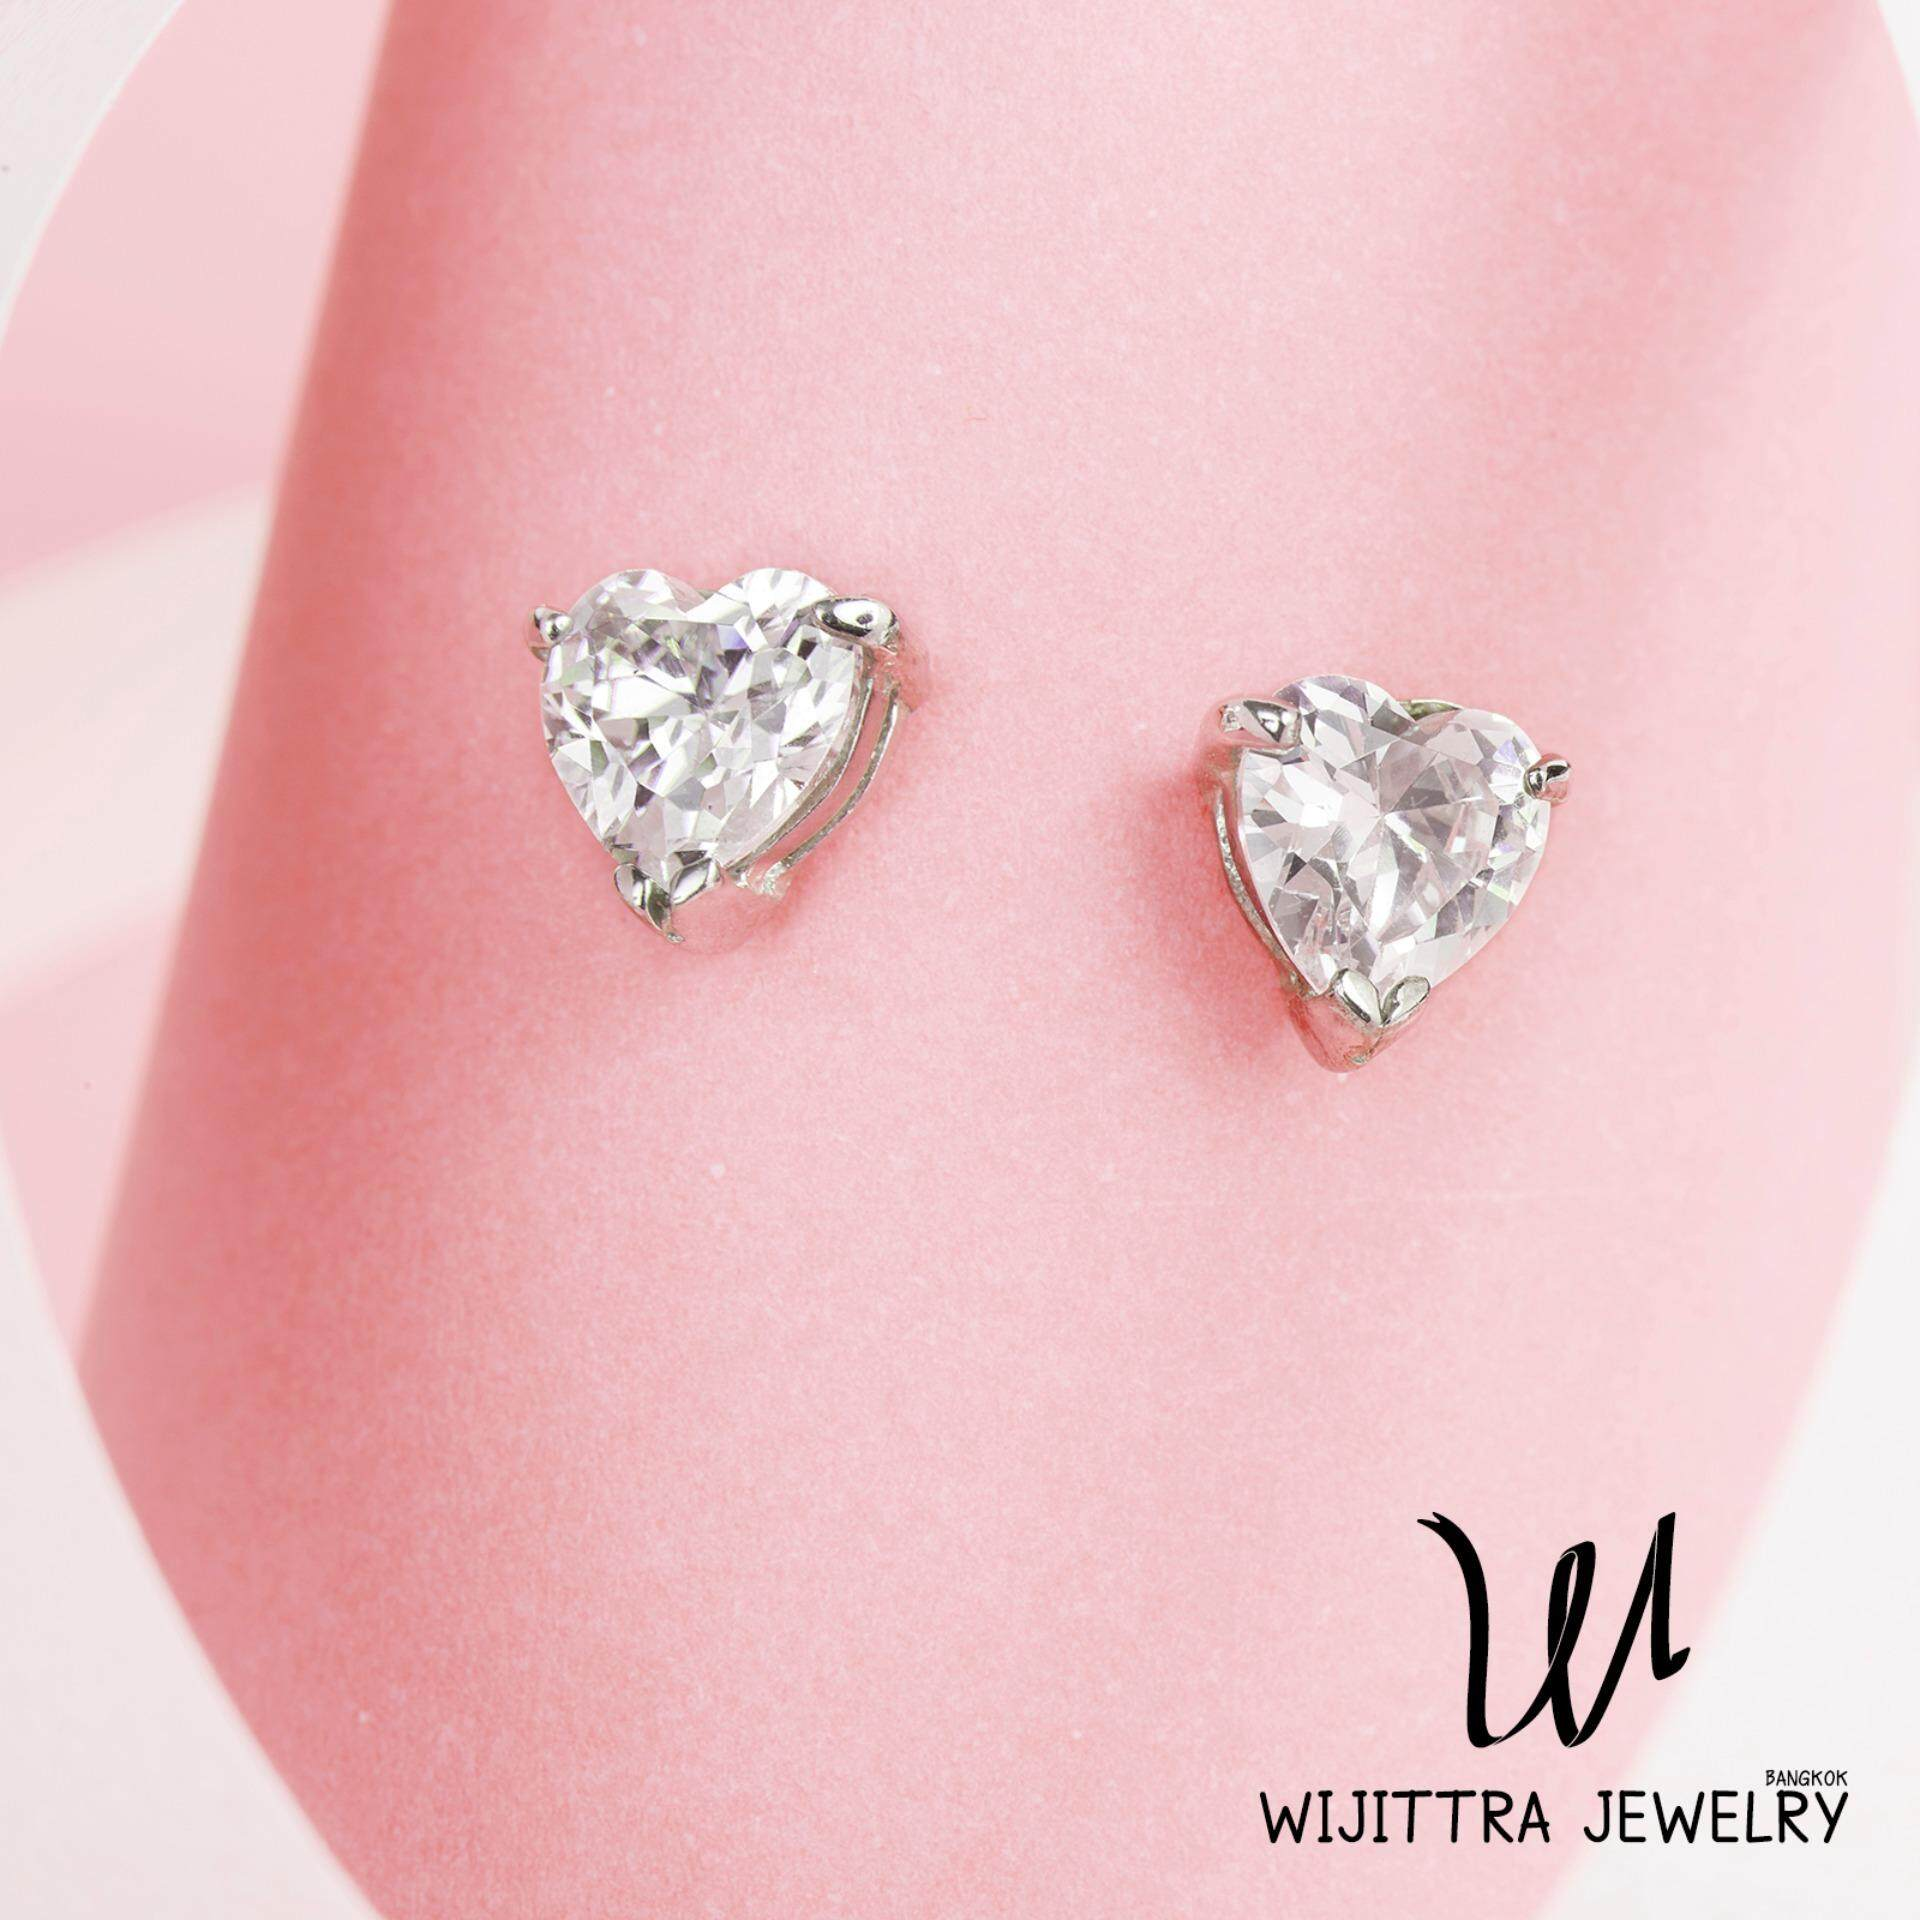 ราคา Venus Earrings Wijittra Jewelry ต่างหูเงินแท้ 925 ชุบโรเดียม เพชรสวิส Cubic Zirconia พร้อมกล่องเครื่องประดับ High End เป็นต้นฉบับ Wijittra Jewelry